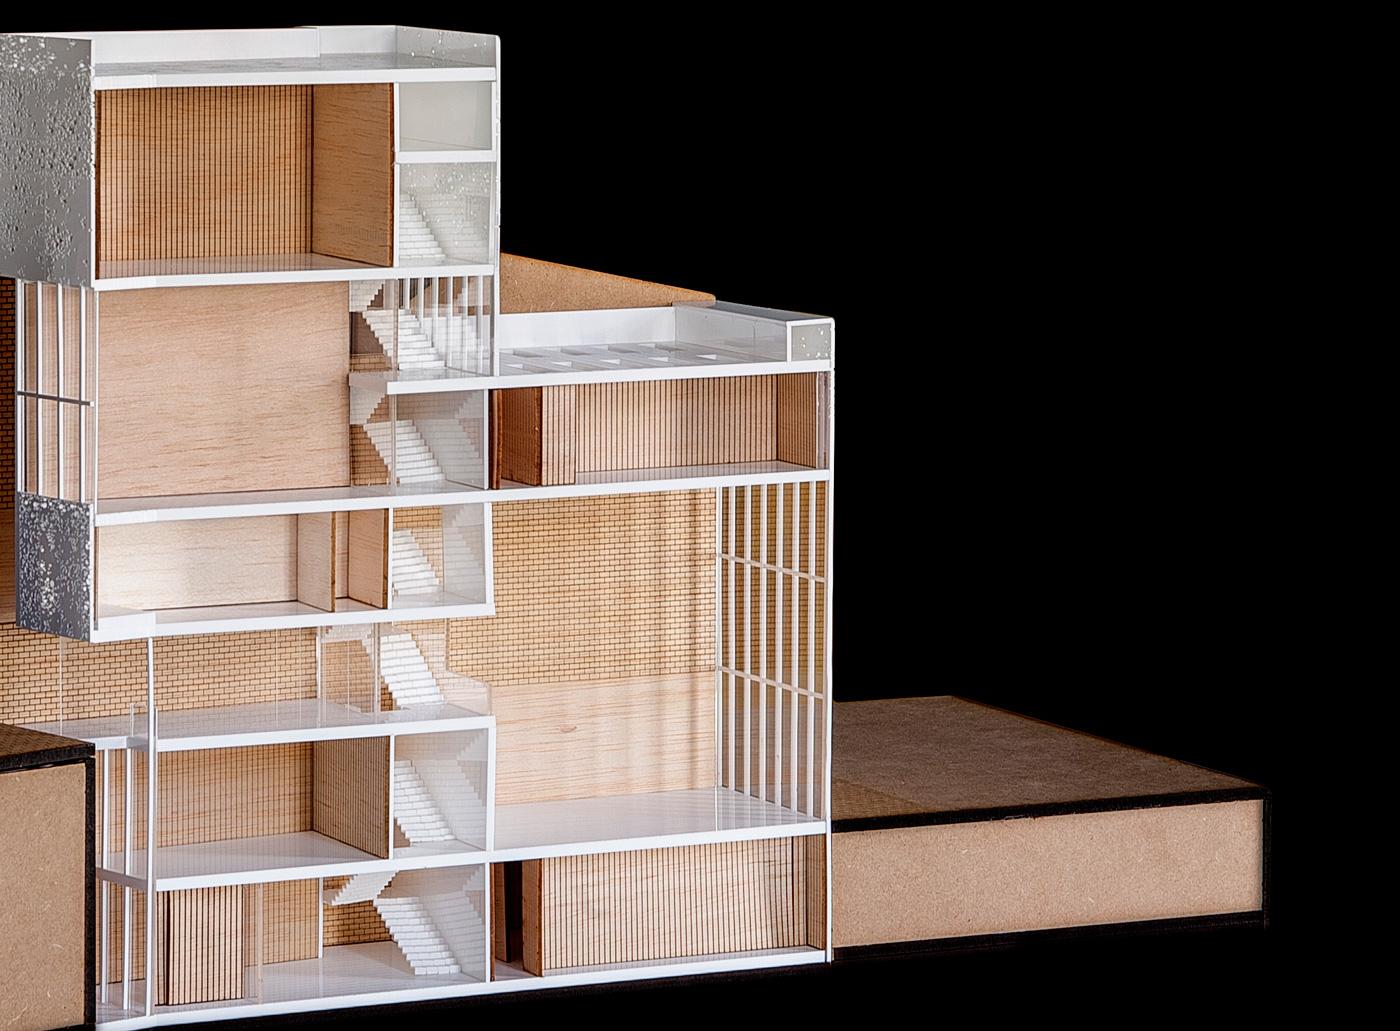 maqueta-arquitectura-concurso-valencia-seccionada-architecture-model-section- (4)